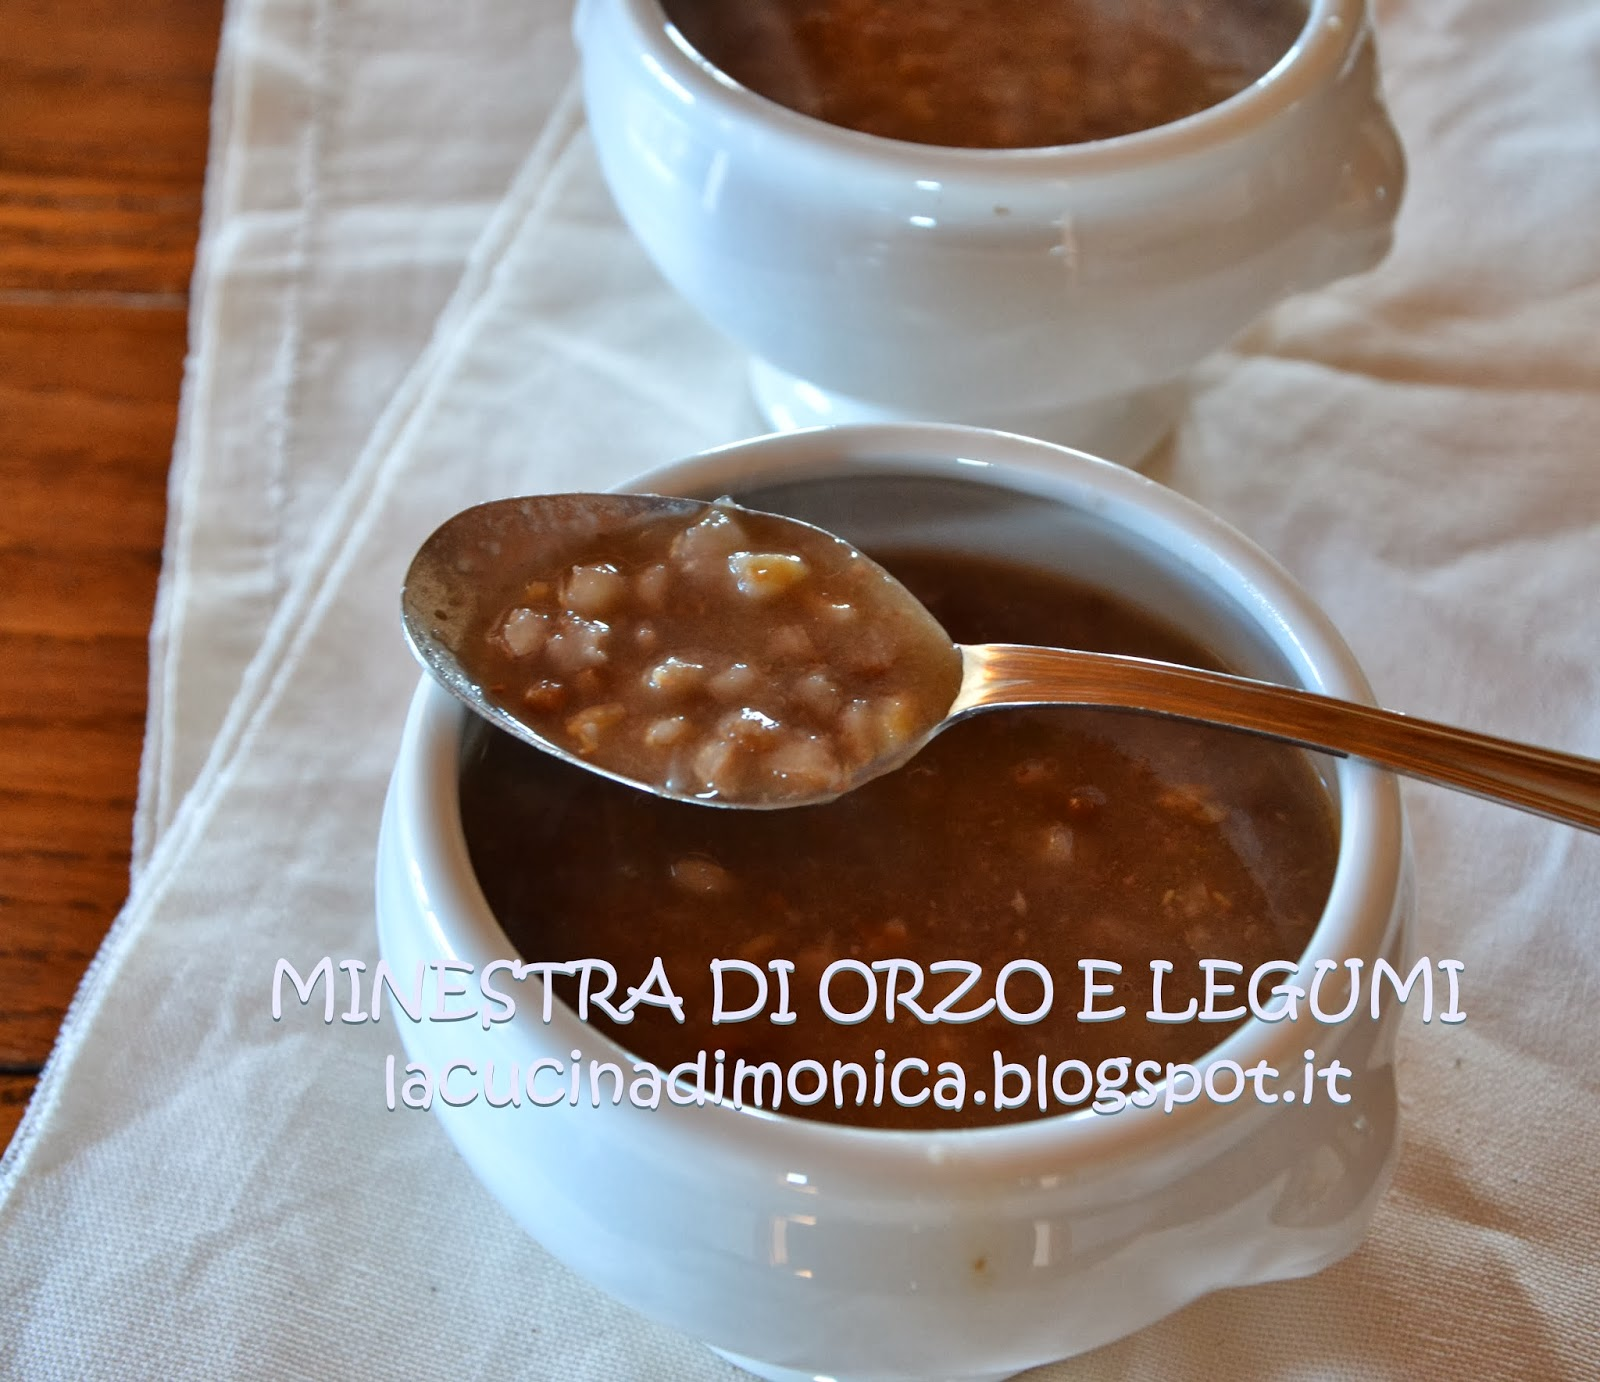 minestra di orzo e legumi